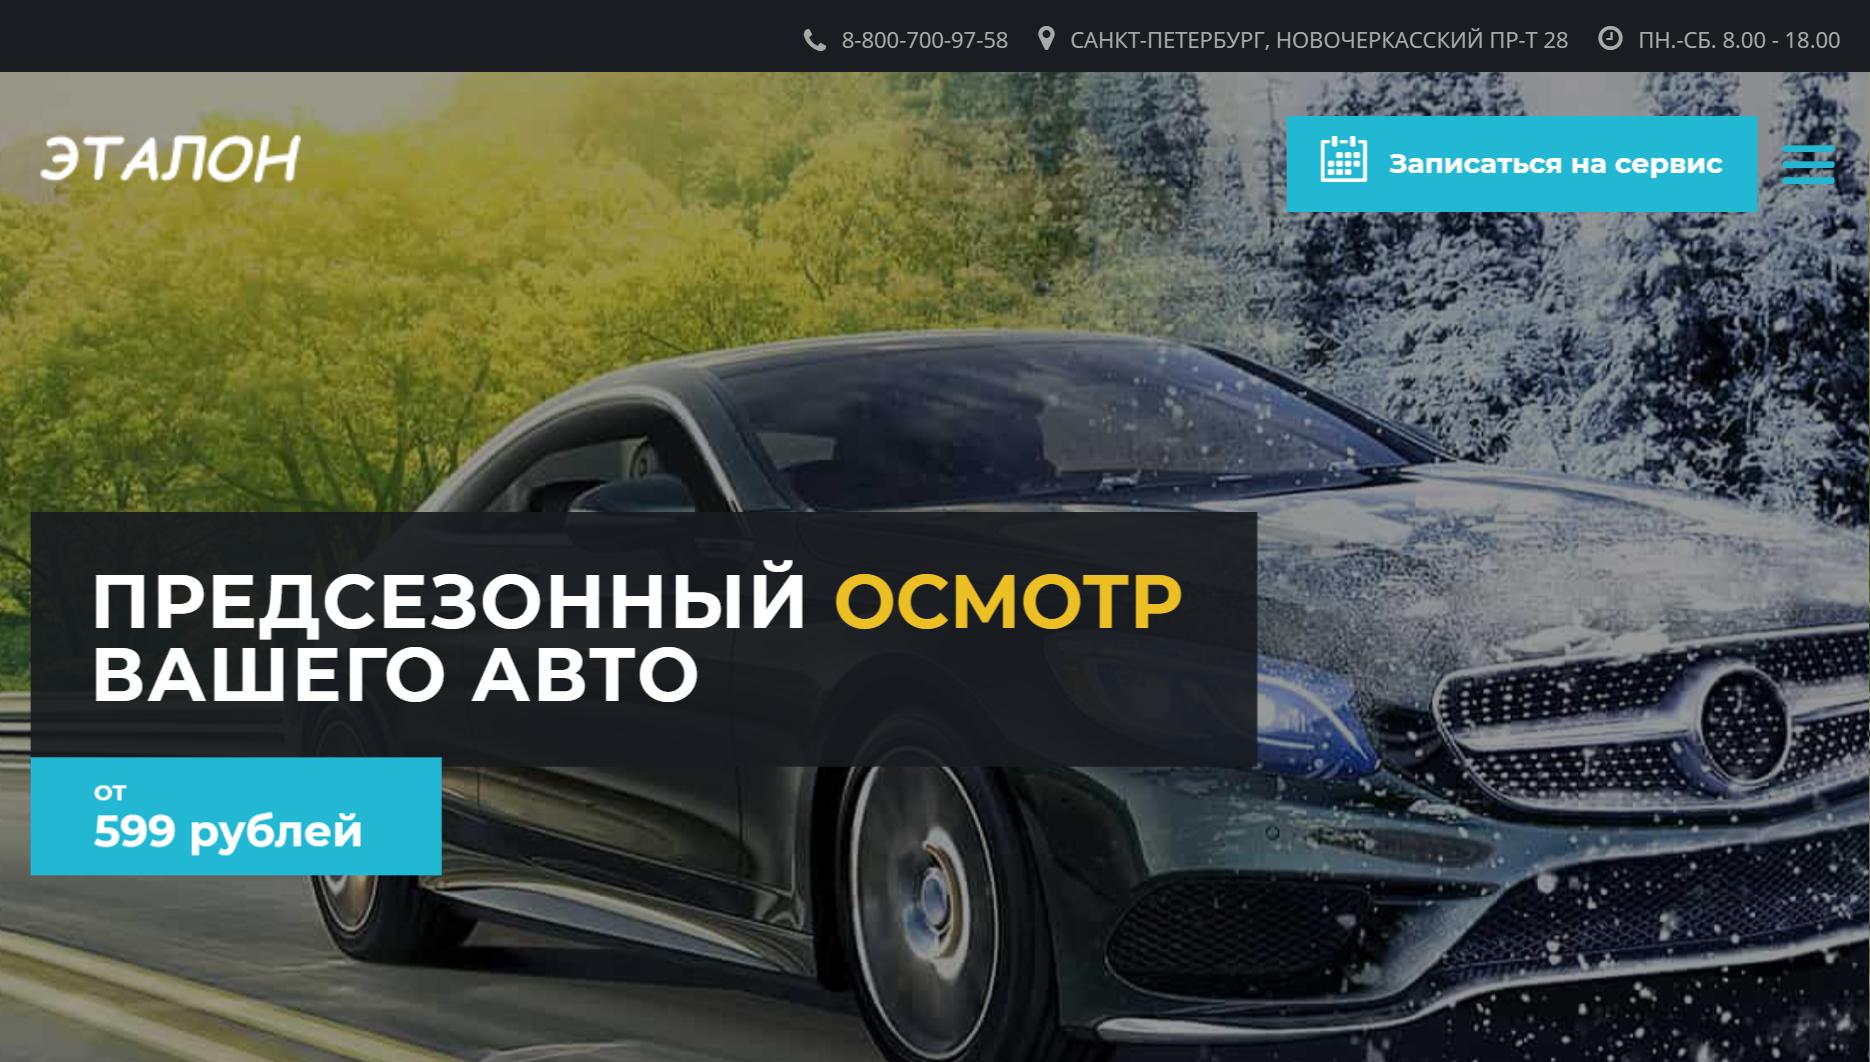 moto.telenets.ru